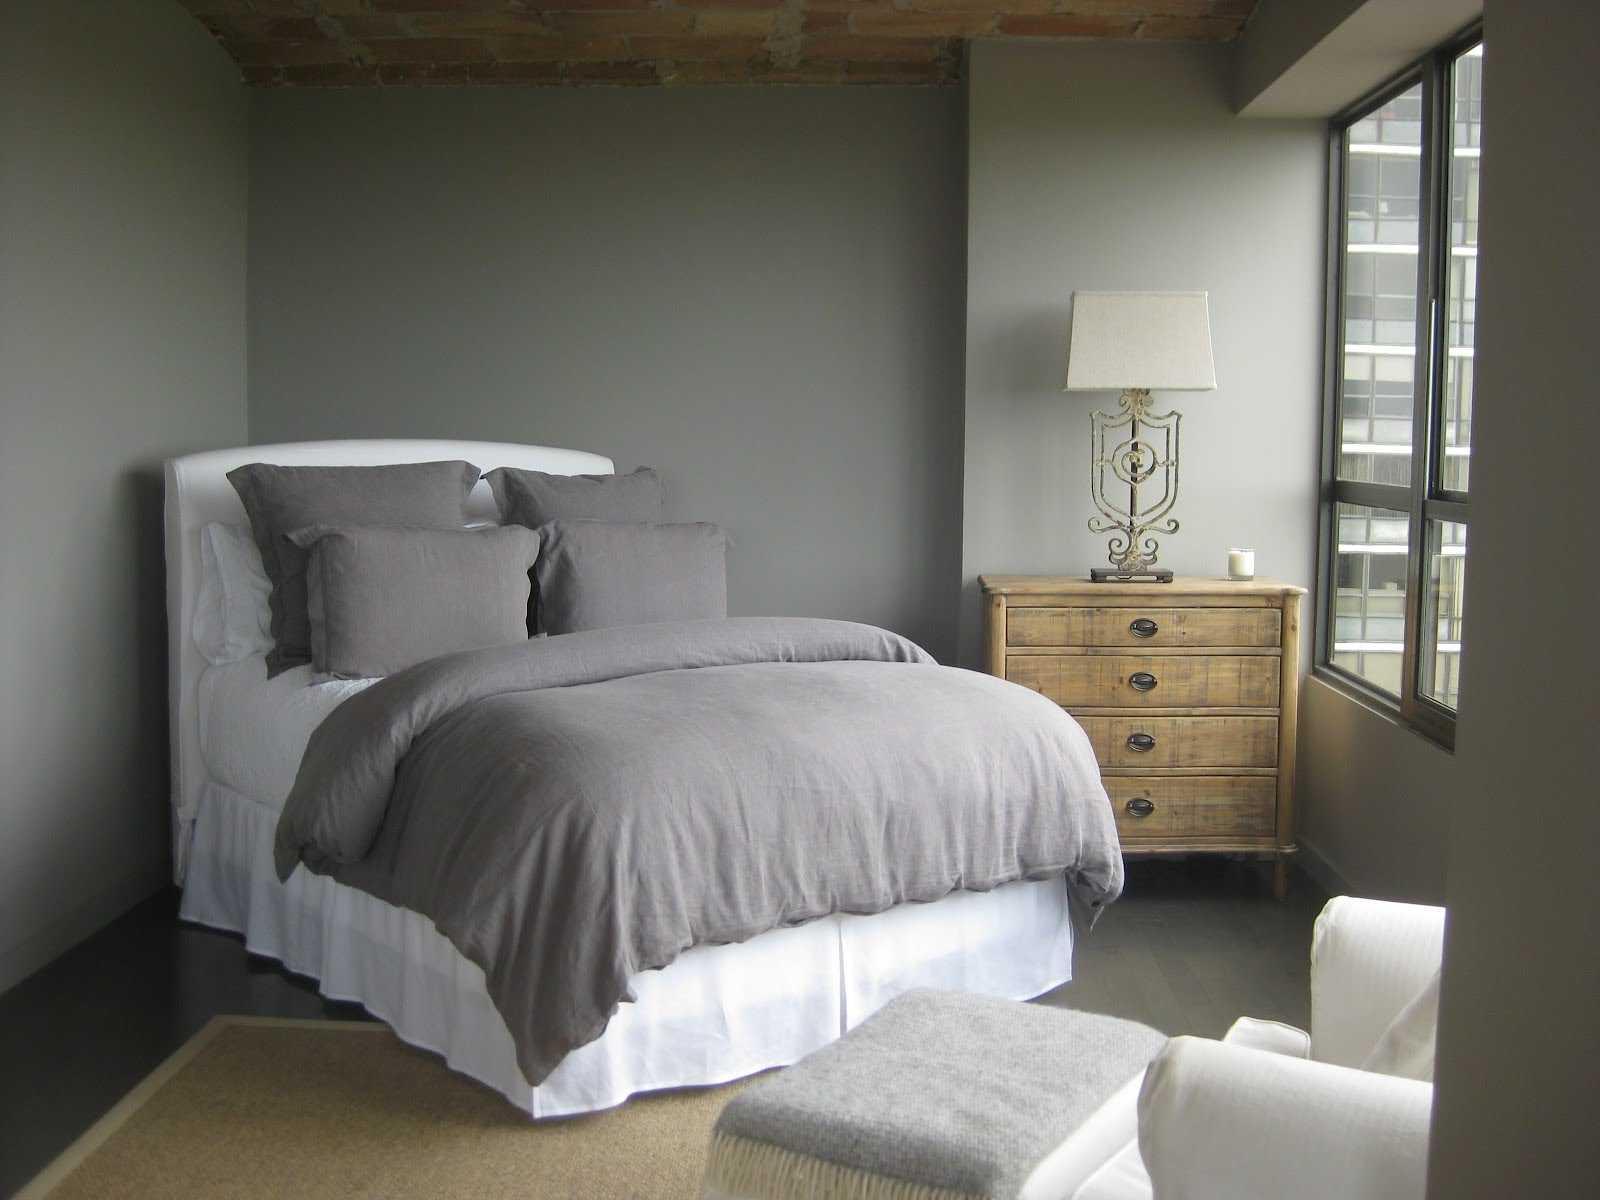 kombinacija svijetlo sive boje u dizajnu stana